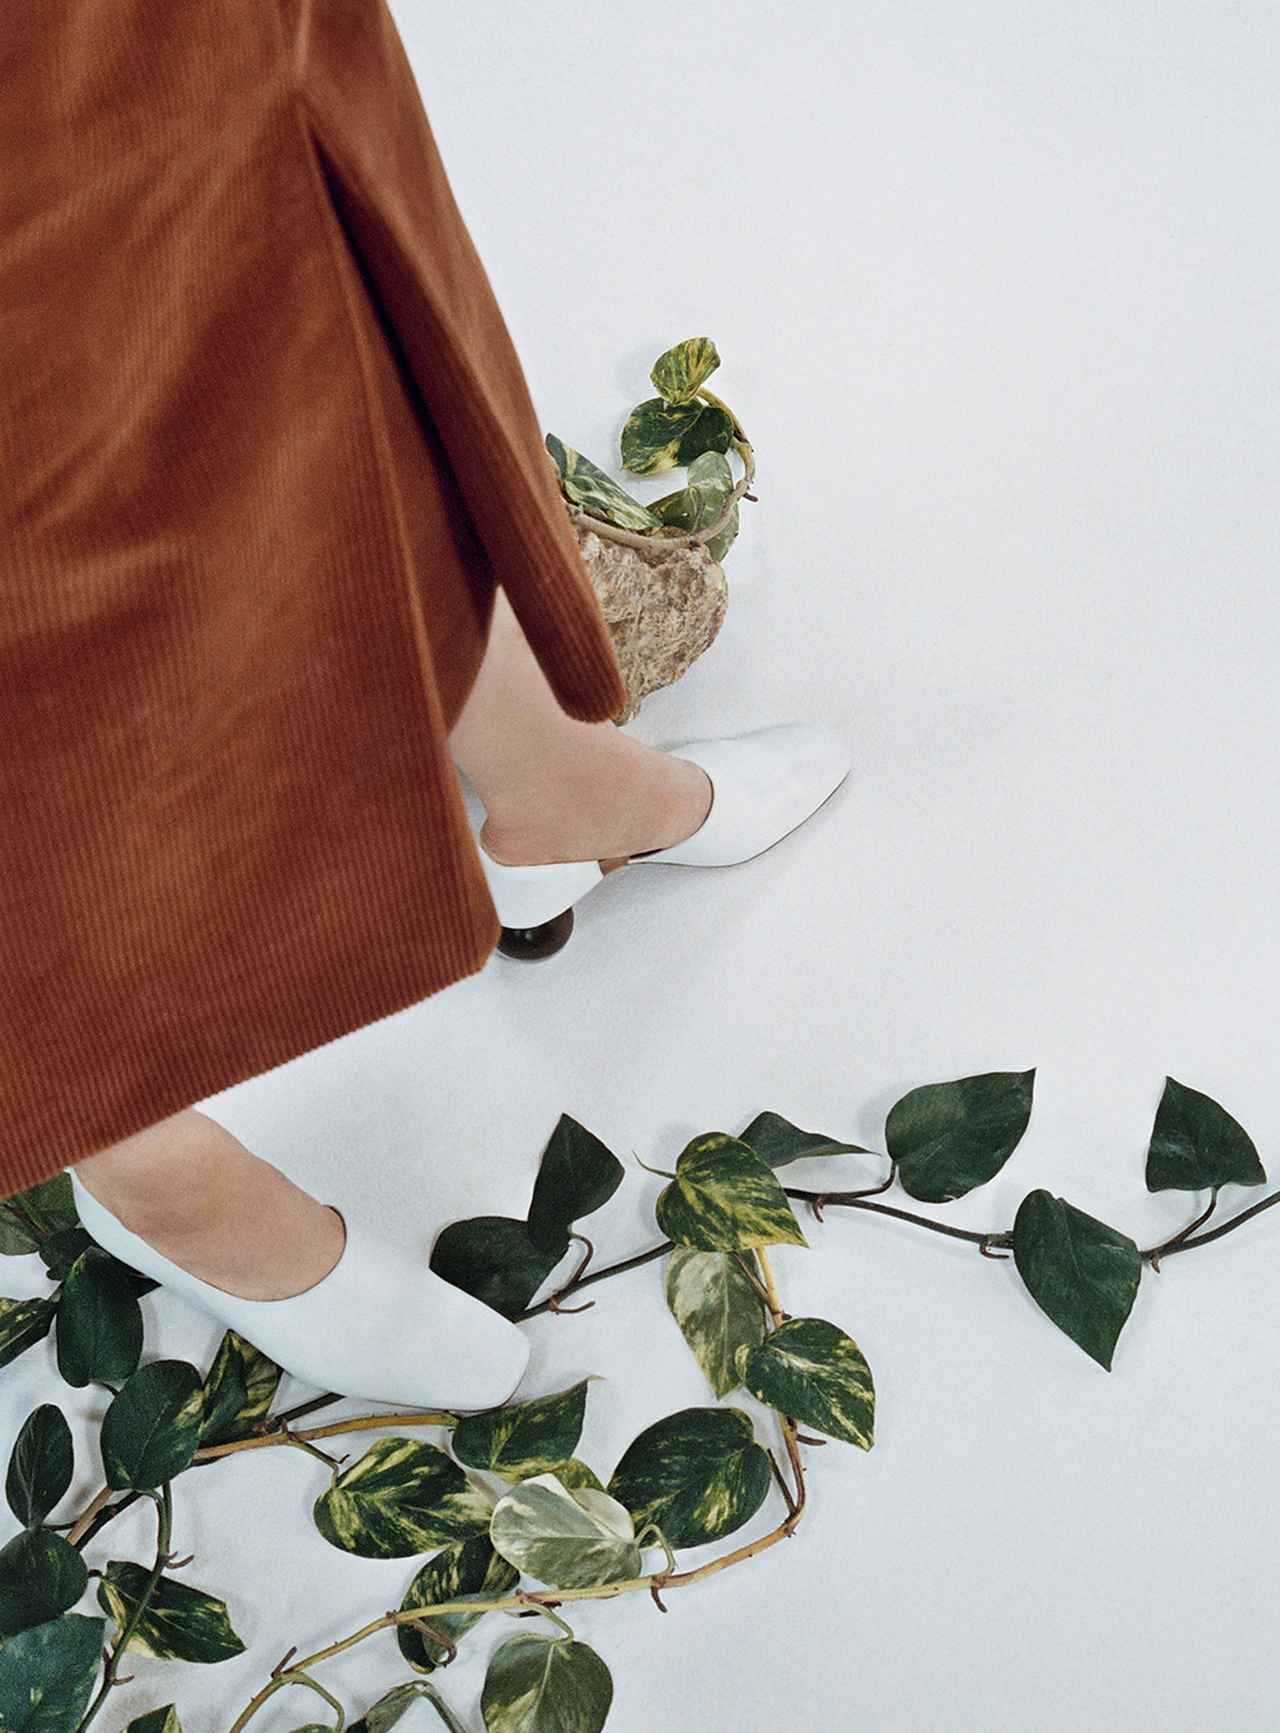 Images : 6番目の画像 - 「蘭をイメージした ミニマルなシューズブランド 「ネオアス」」のアルバム - T JAPAN:The New York Times Style Magazine 公式サイト